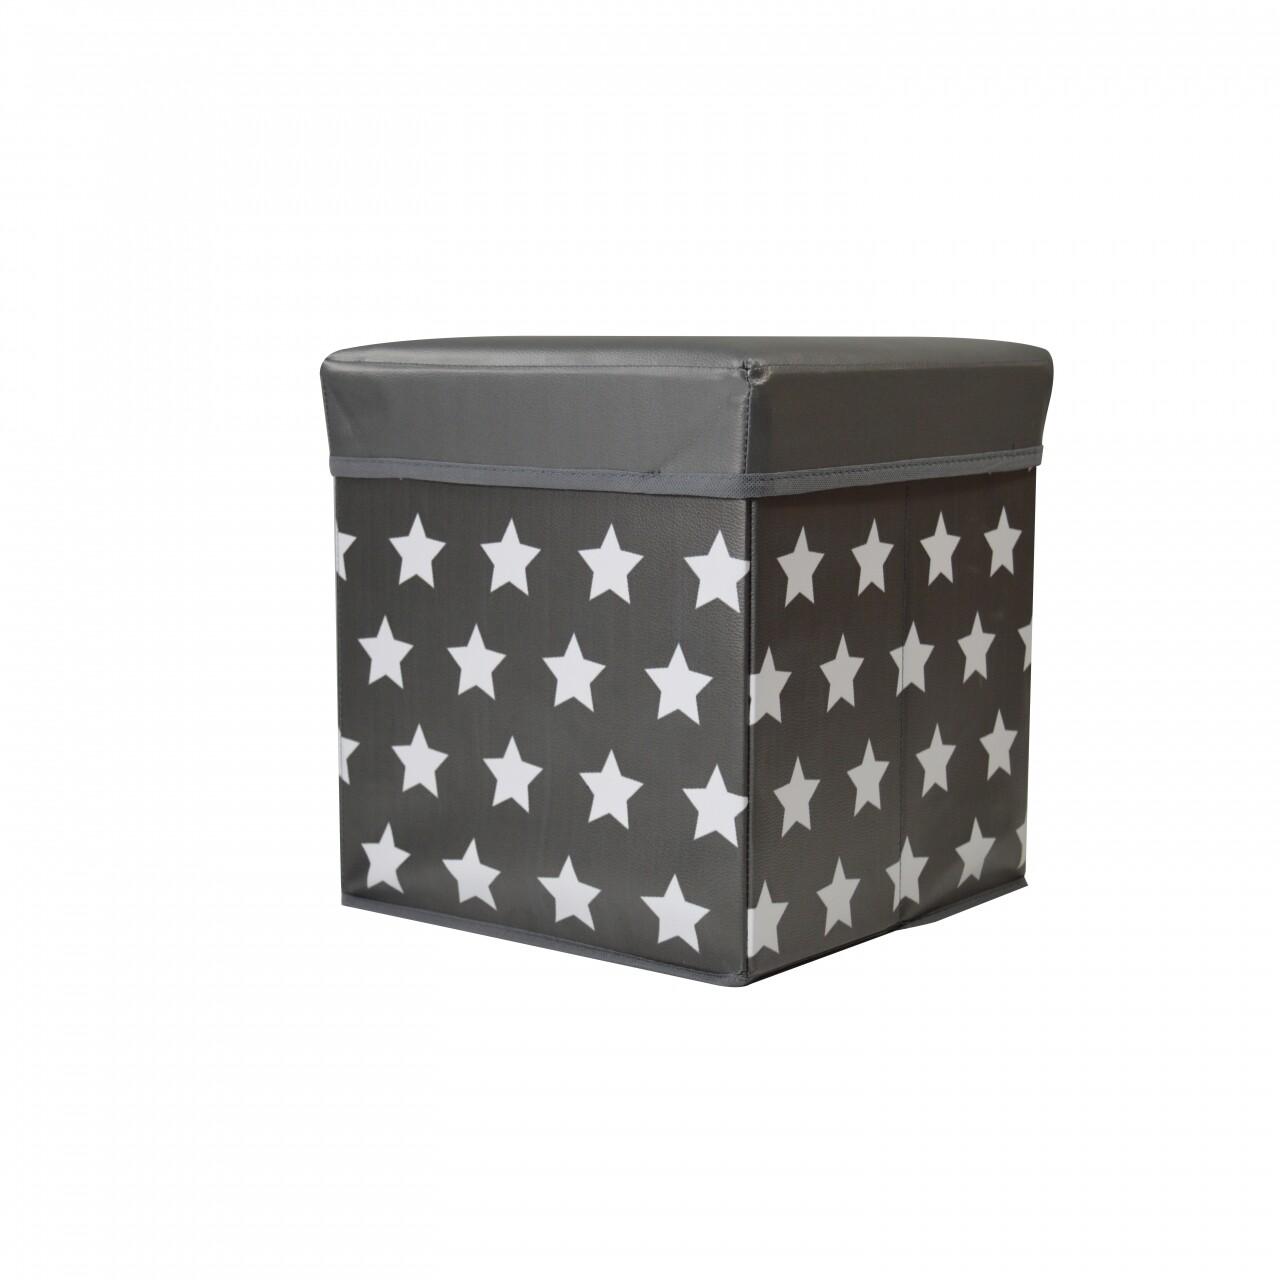 Cutie depozitare Jocca cu capac, Star, 30x30x30 cm